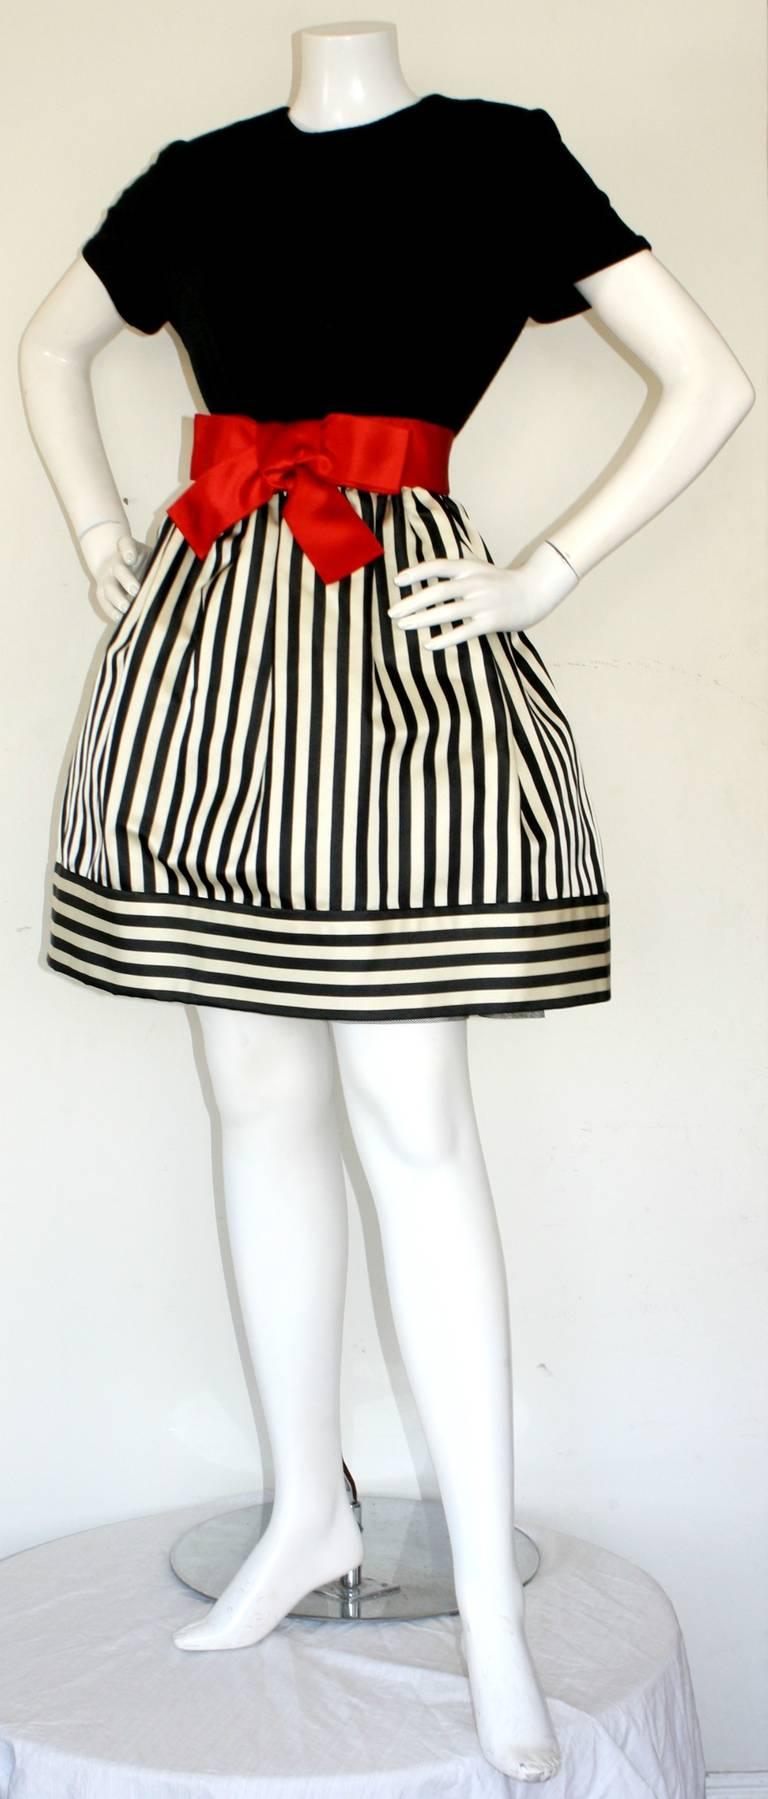 Women's Bill Blass Vintage Black & White Stripe Dress w/ Red Bow Belt For Sale